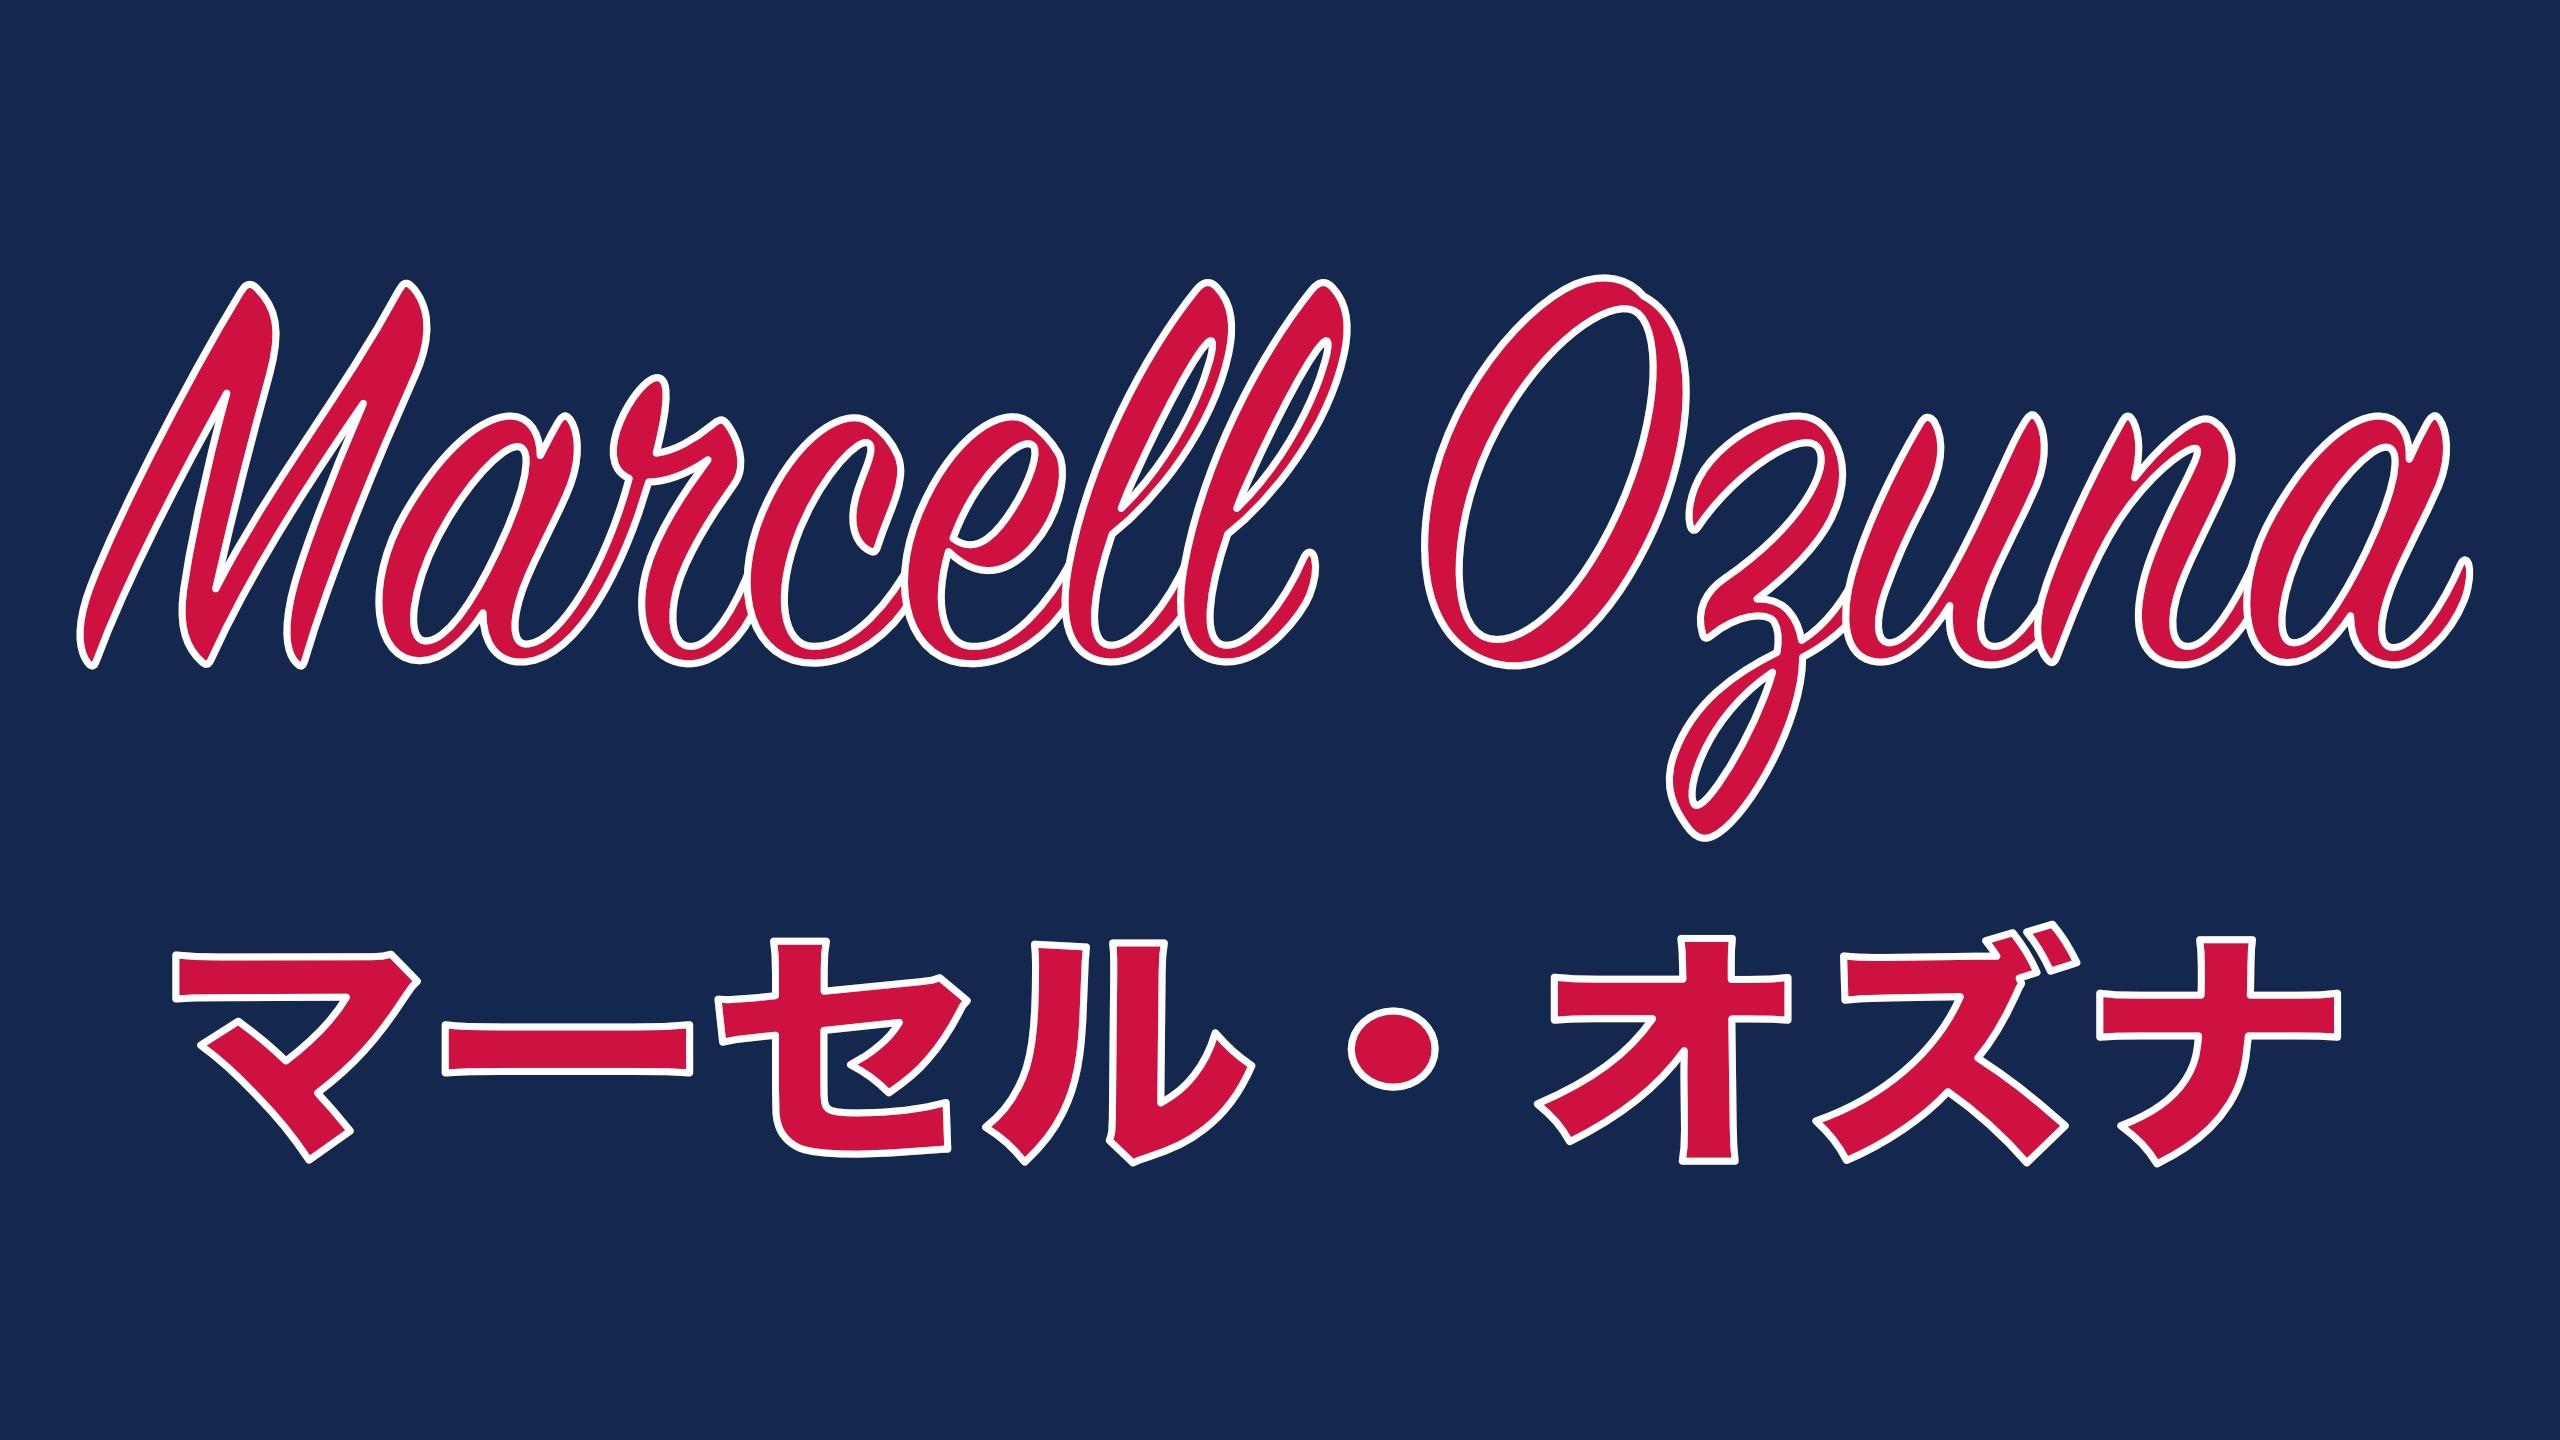 marcell-ozuna